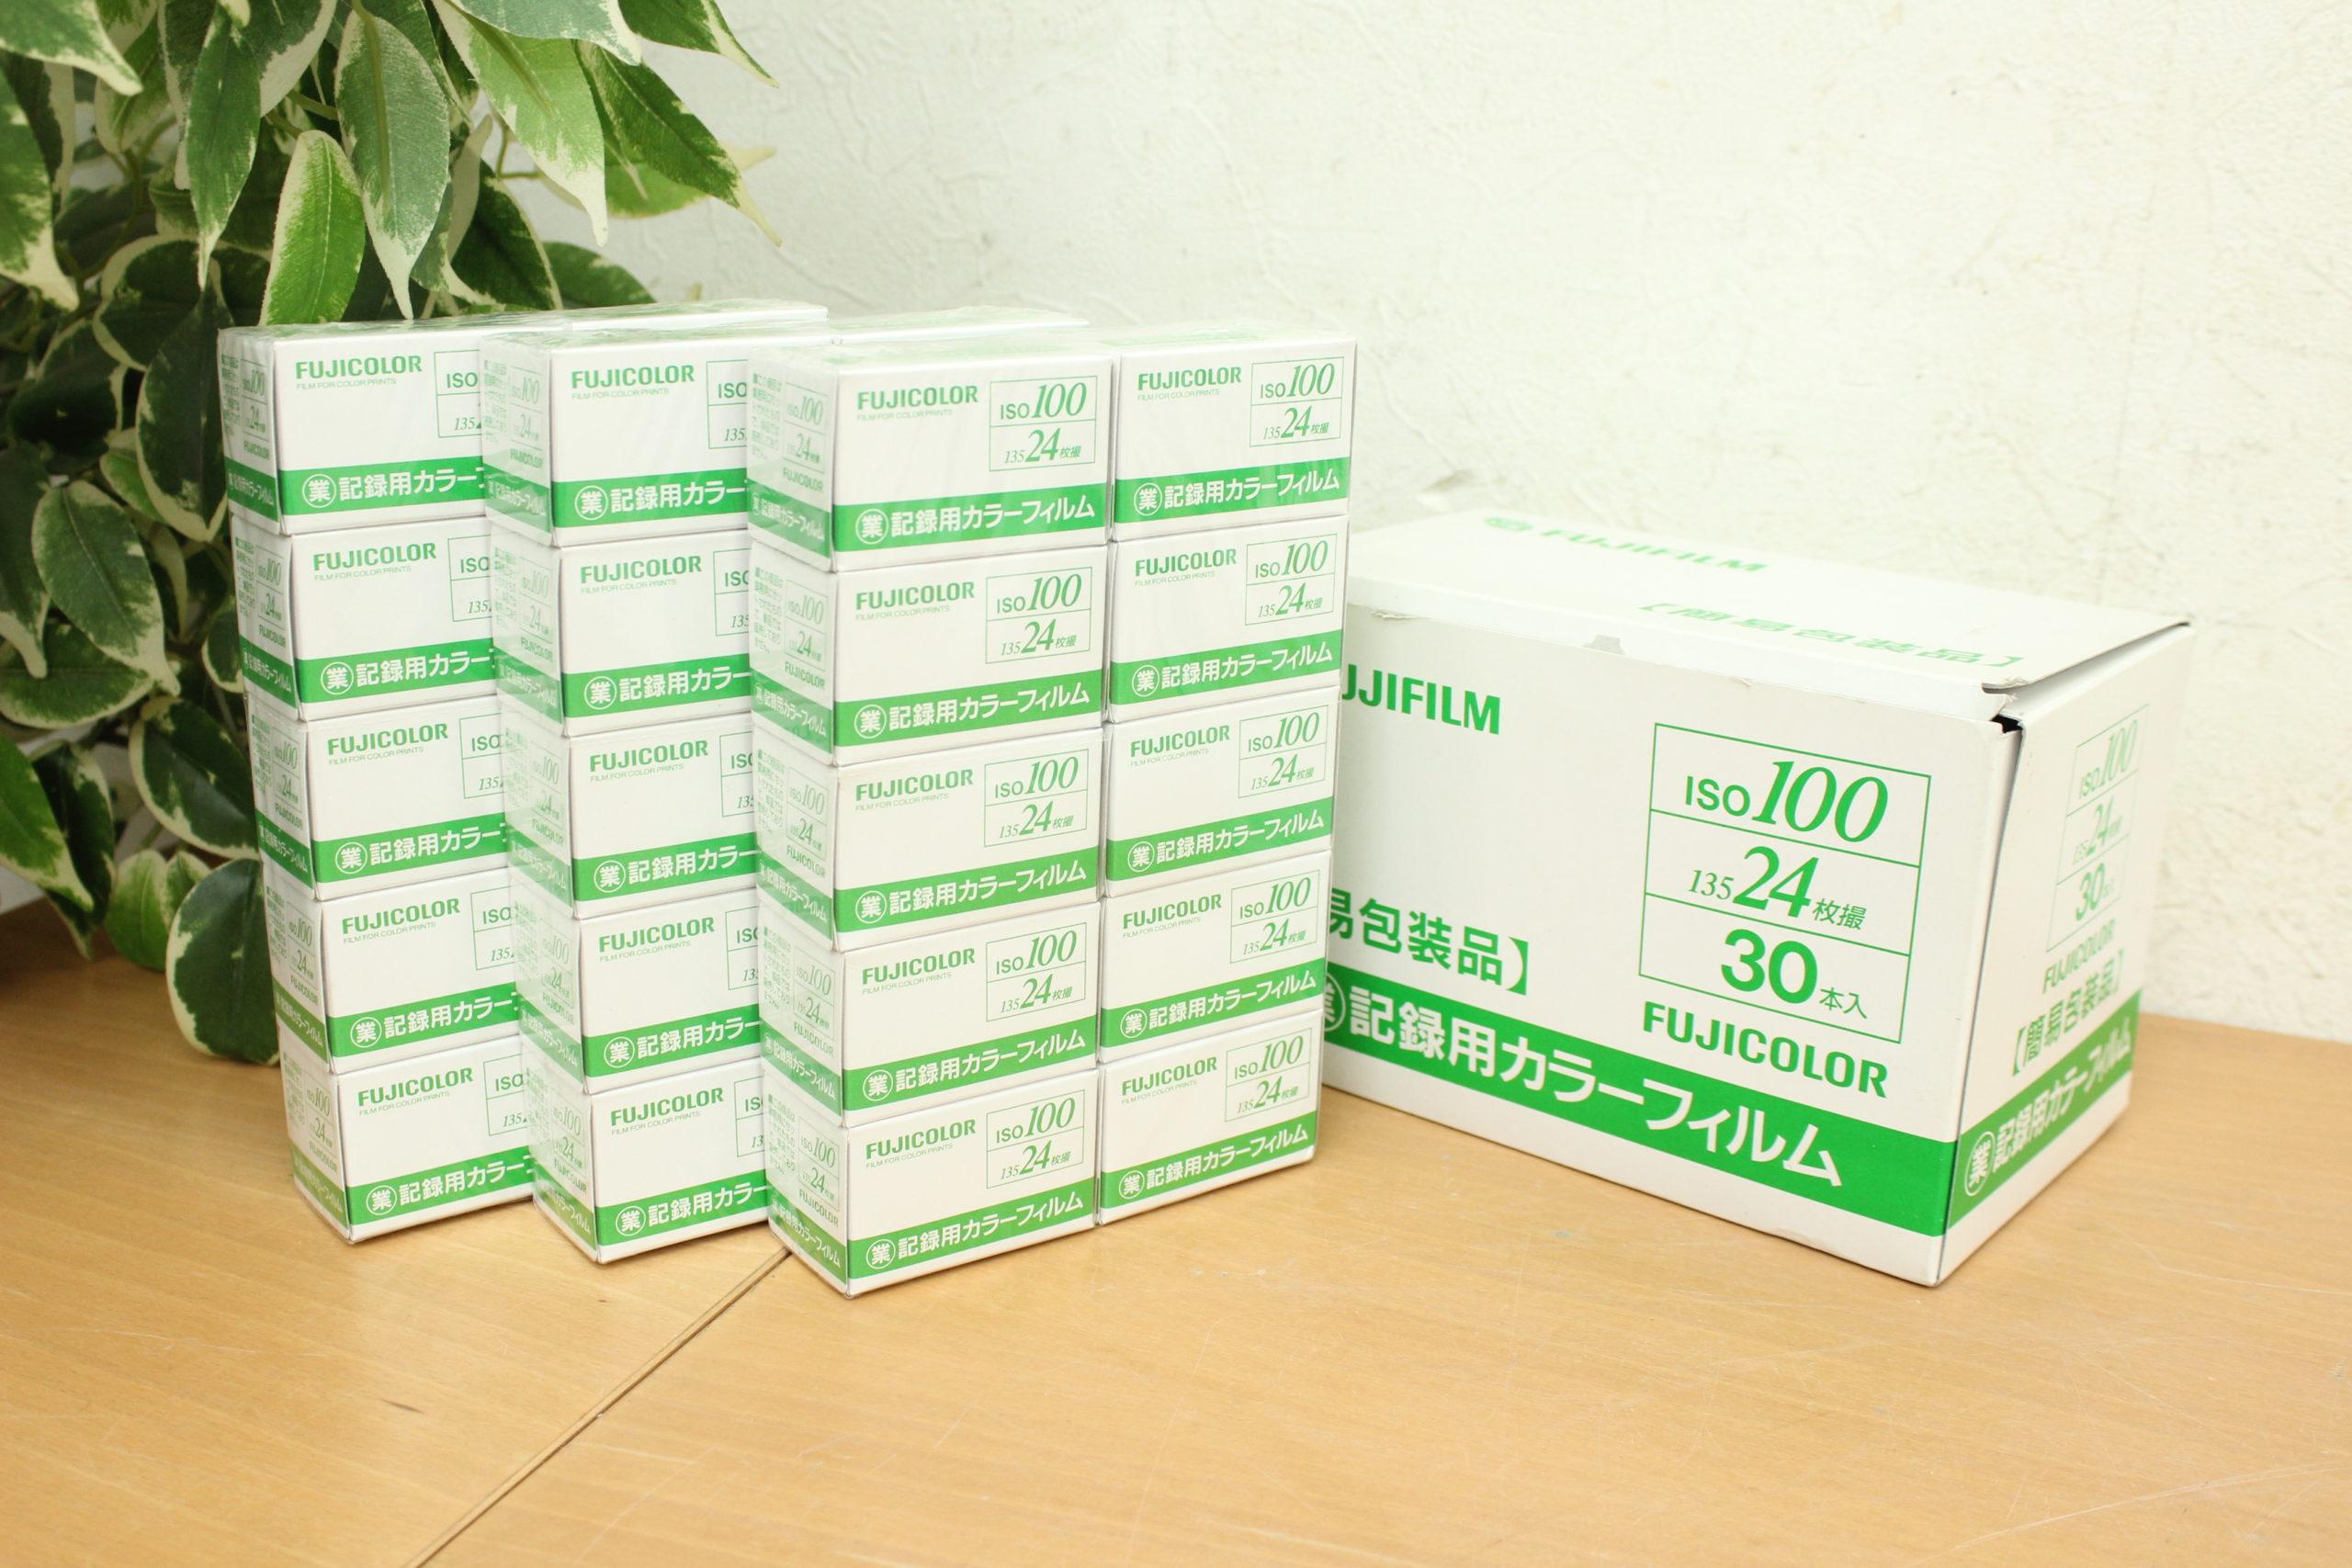 (福岡県糸島市) フジカラー カラーフィルム iso100 135/24枚撮り 意外なモノが買取できるかも知れません☆の買取-